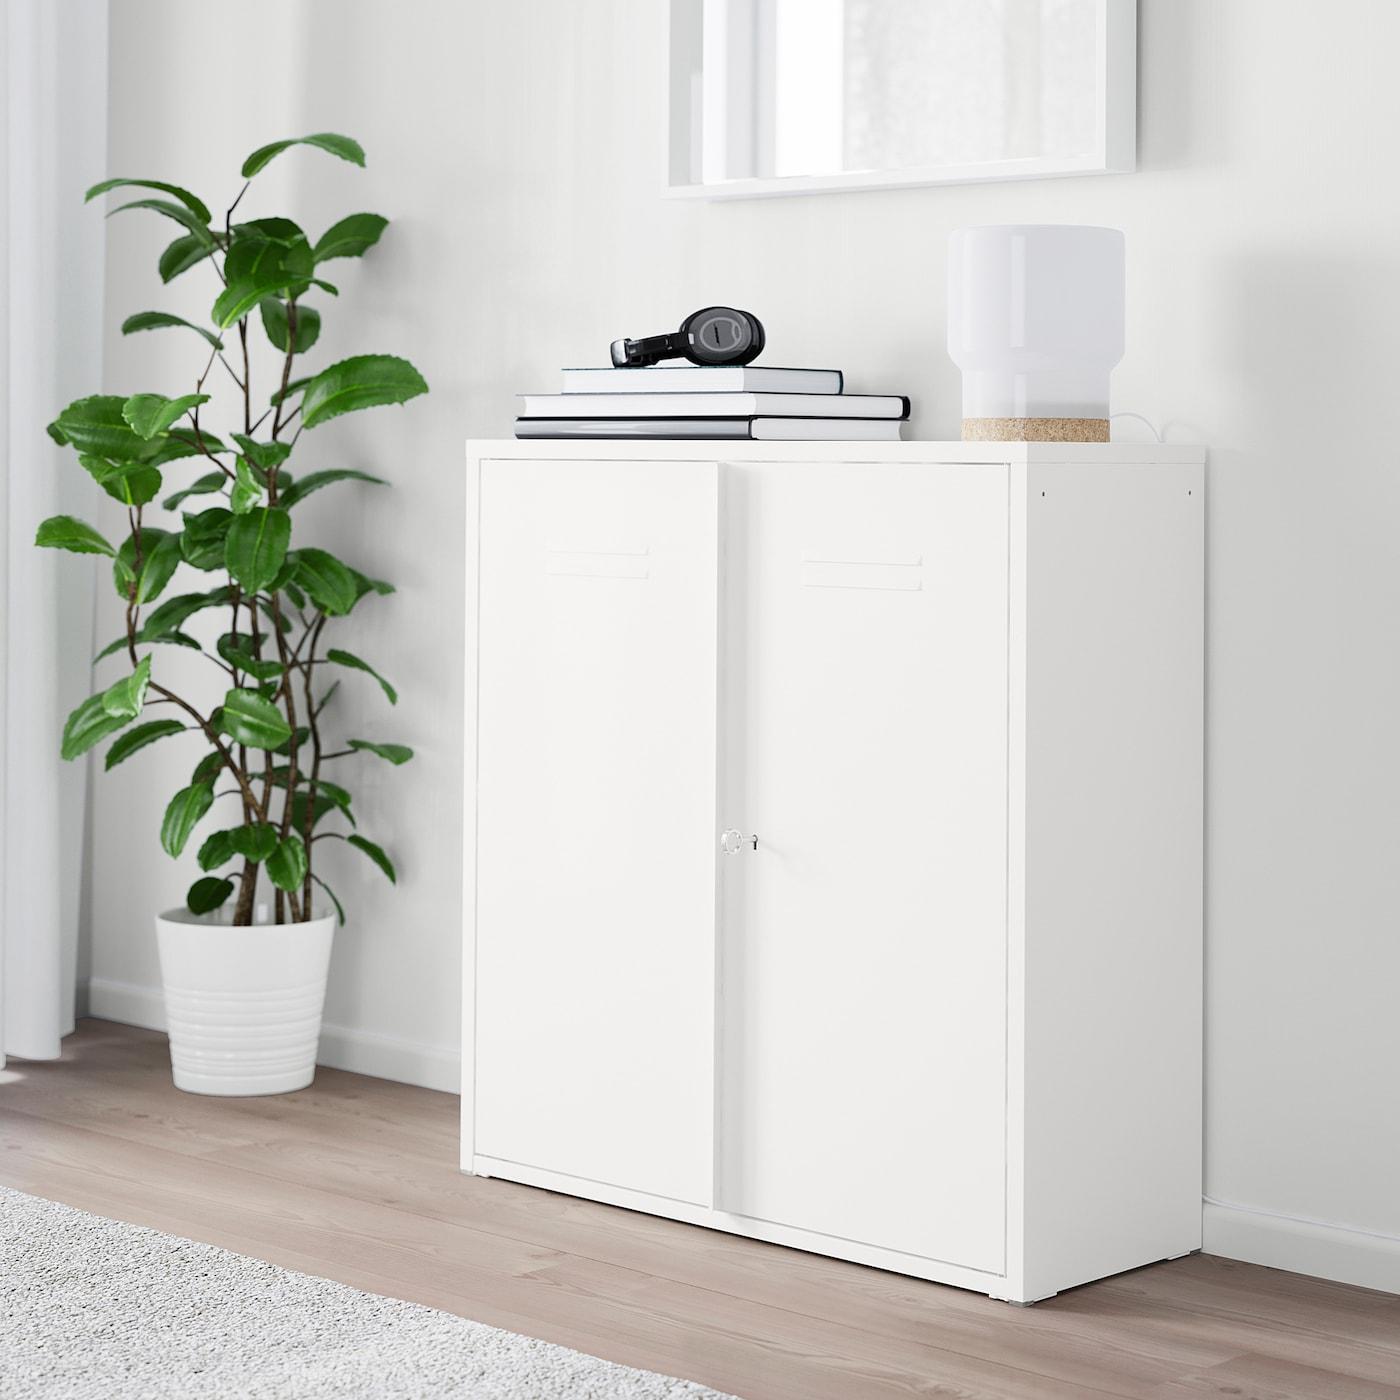 Full Size of Ikea Sofa Mit Schlaffunktion Betten 160x200 Modulküche Bei Miniküche Küche Kosten Schrankküche Kaufen Wohnzimmer Schrankküche Ikea